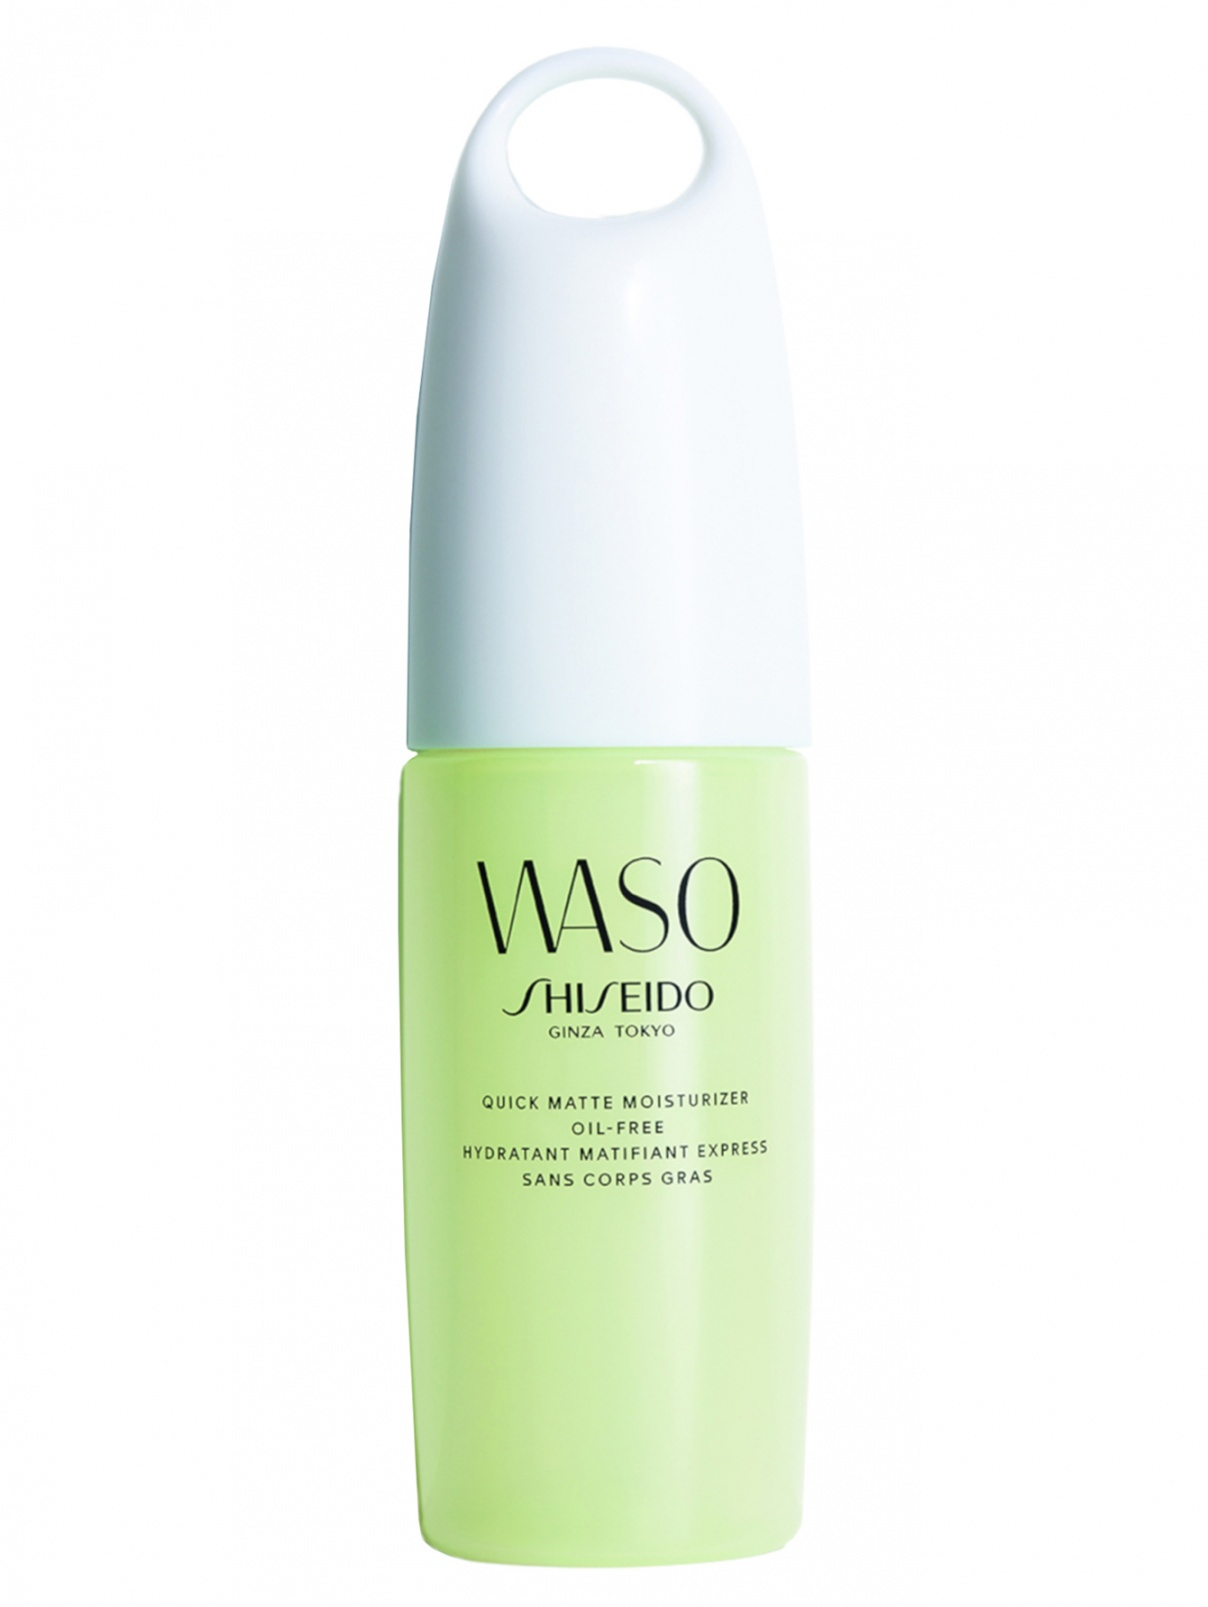 SHISEIDO WASO Мгновенно матирующая увлажняющая эмульсия, 75 мл Shiseido  –  Общий вид